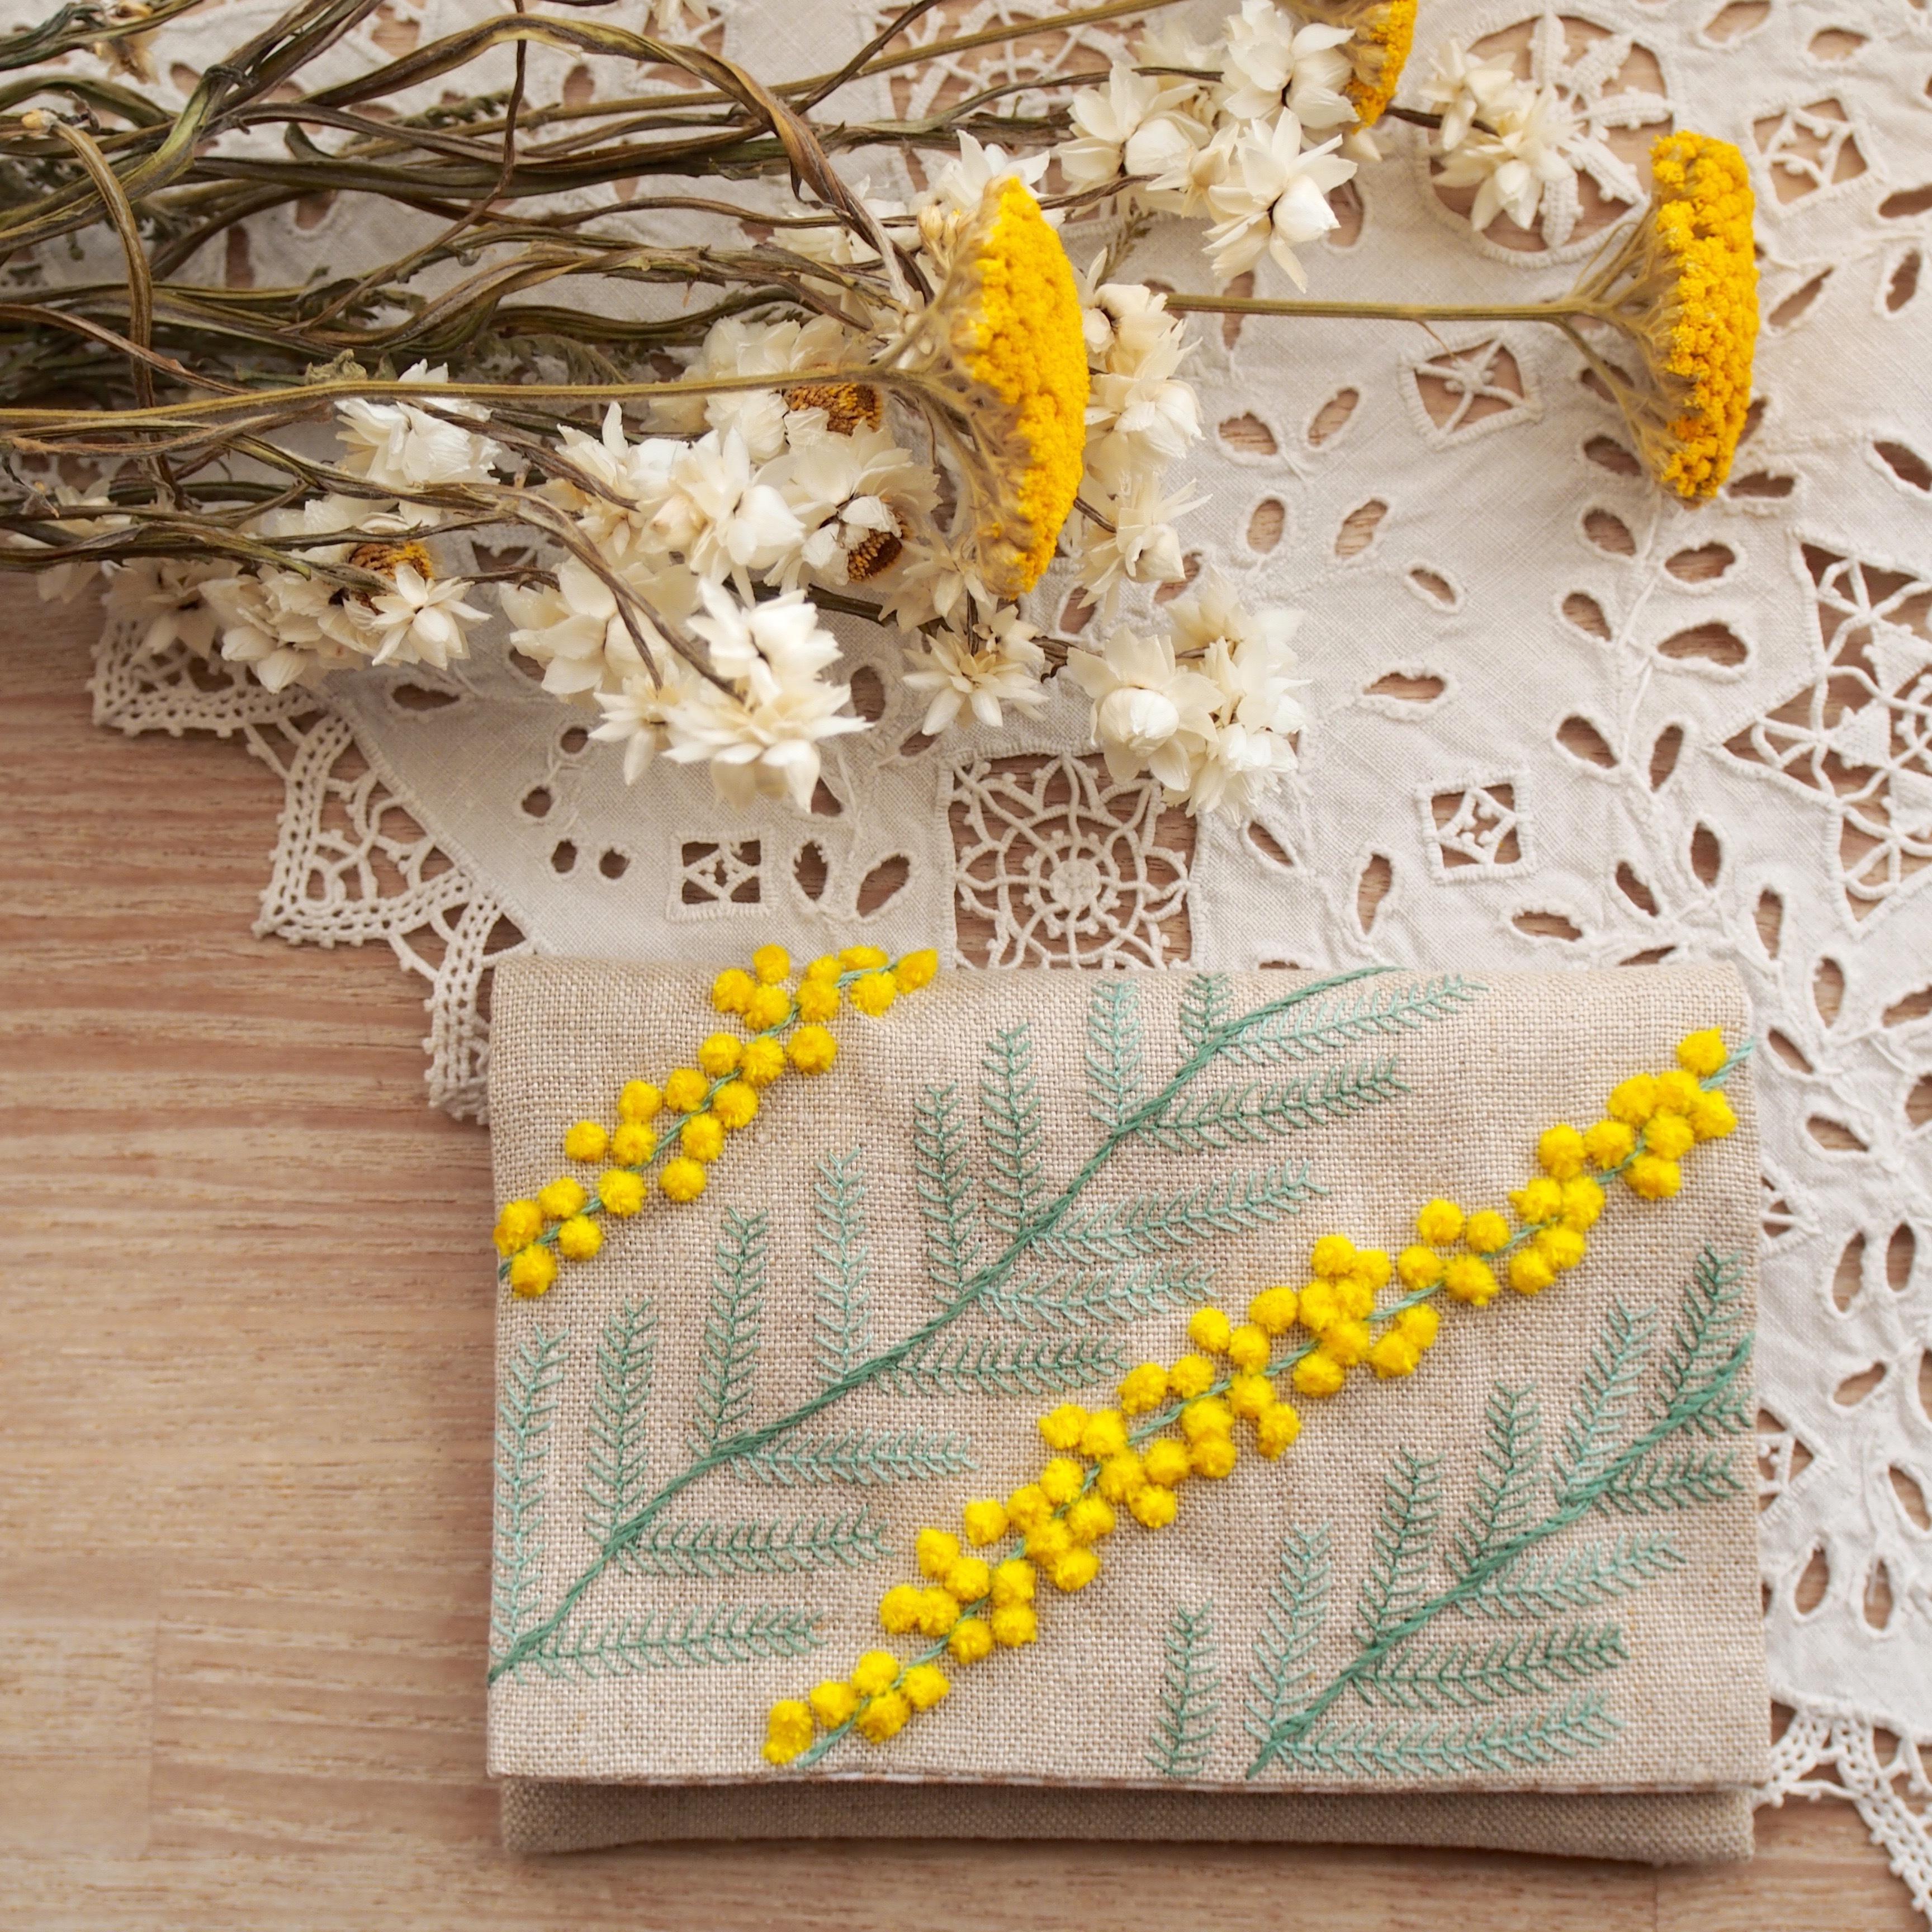 刺繍のキット ミモザのミニポーチ